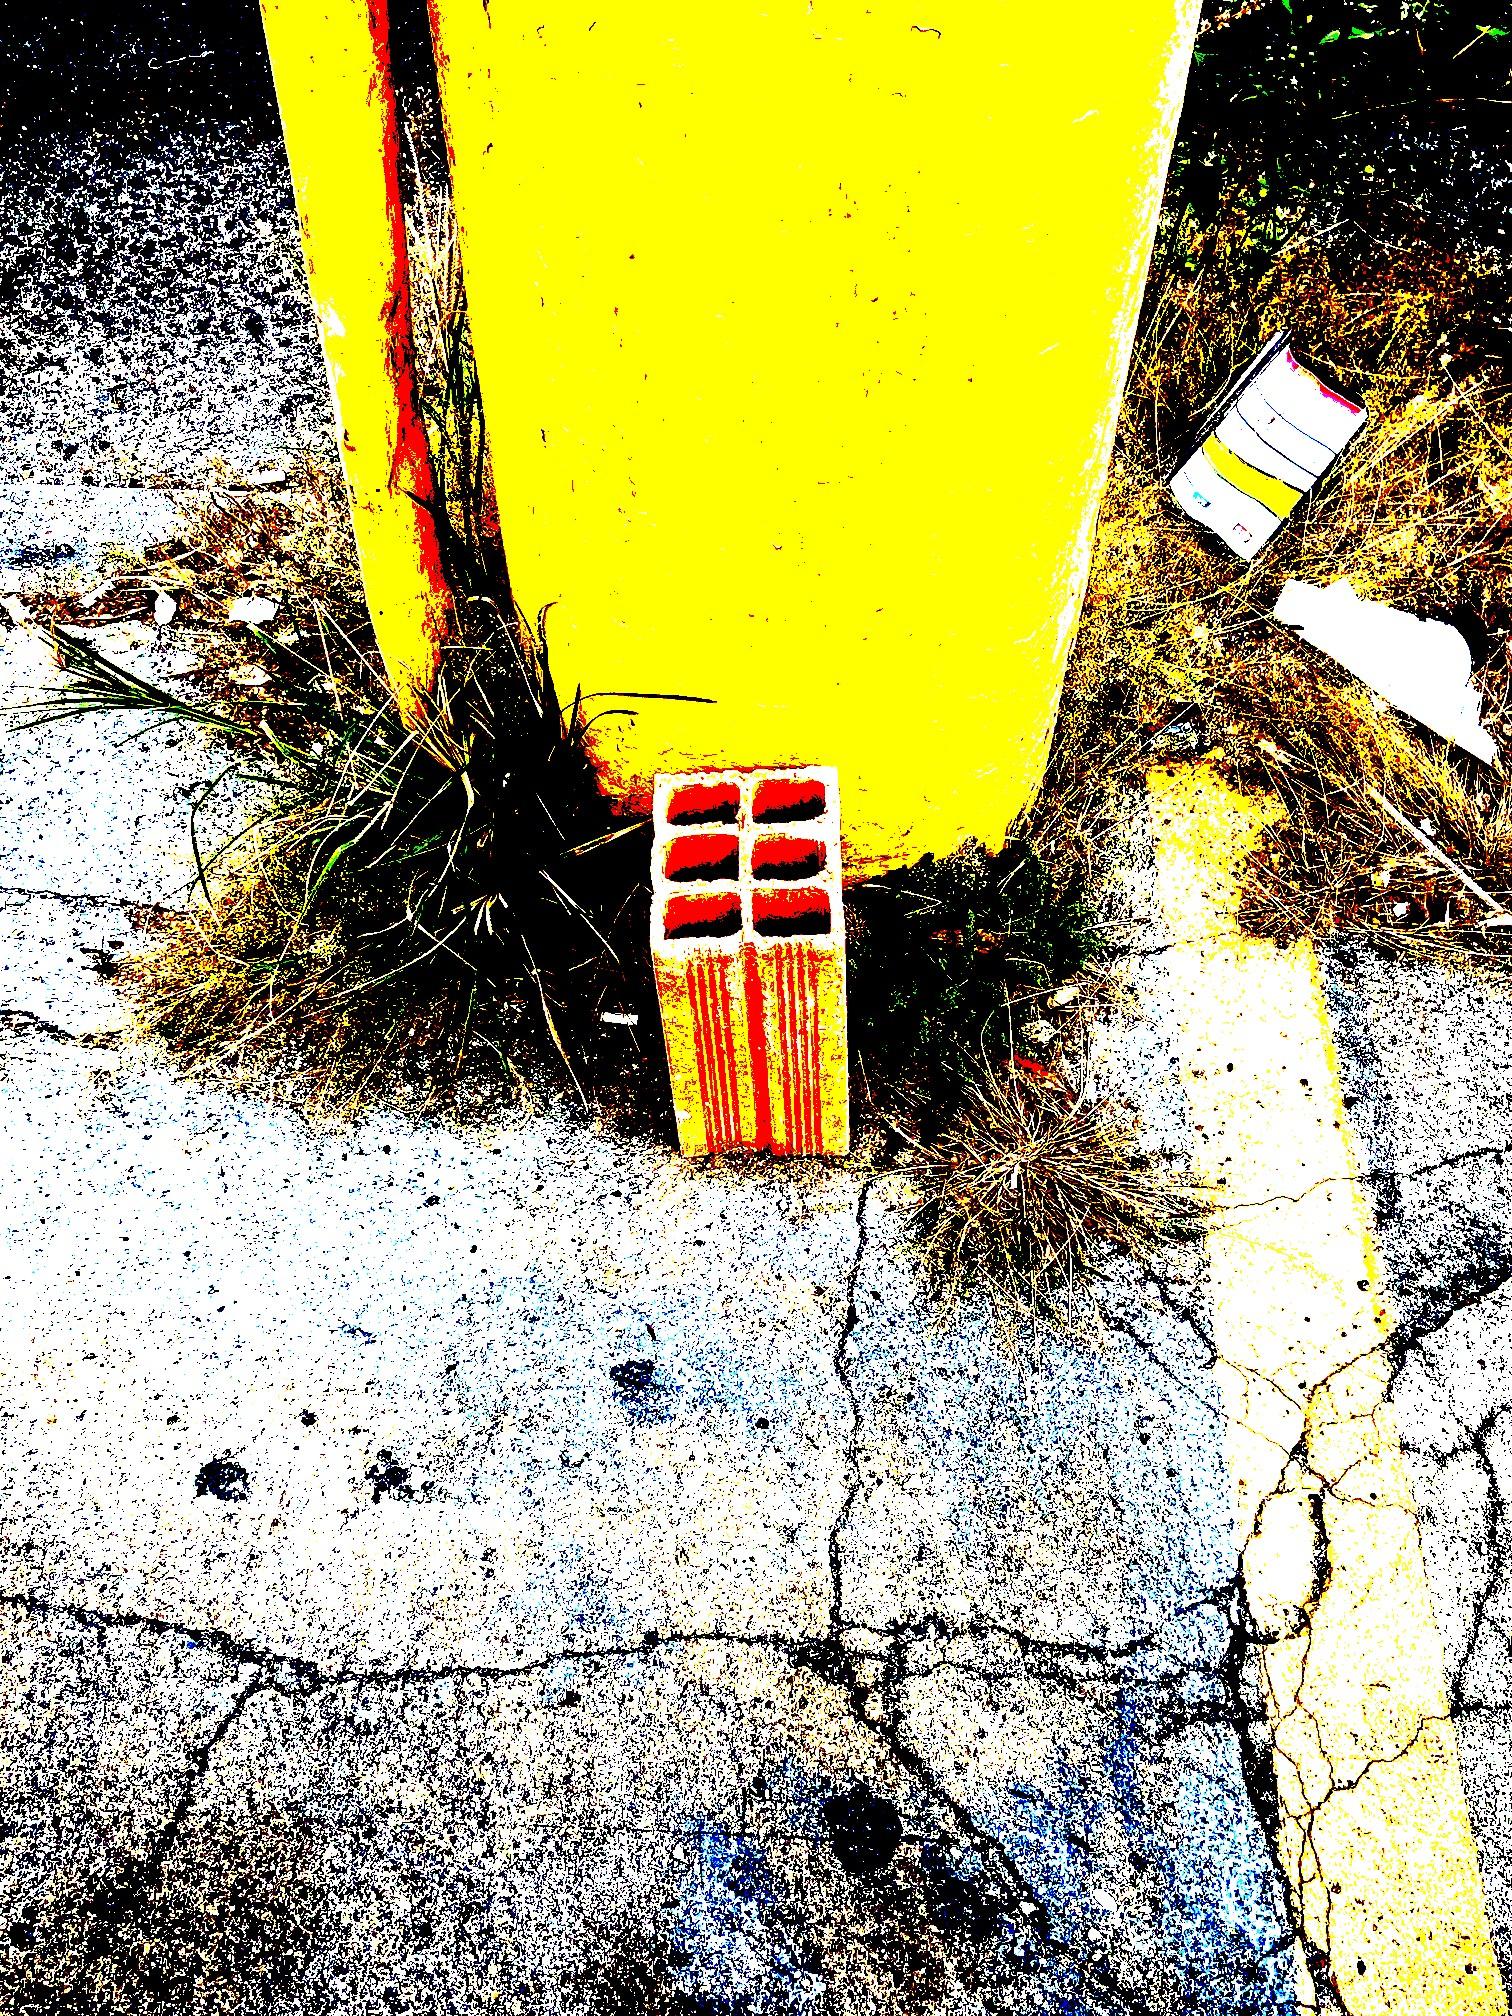 Série Composição Urbana, Fase 2 - 37, Justino, Fotografia, 2020.